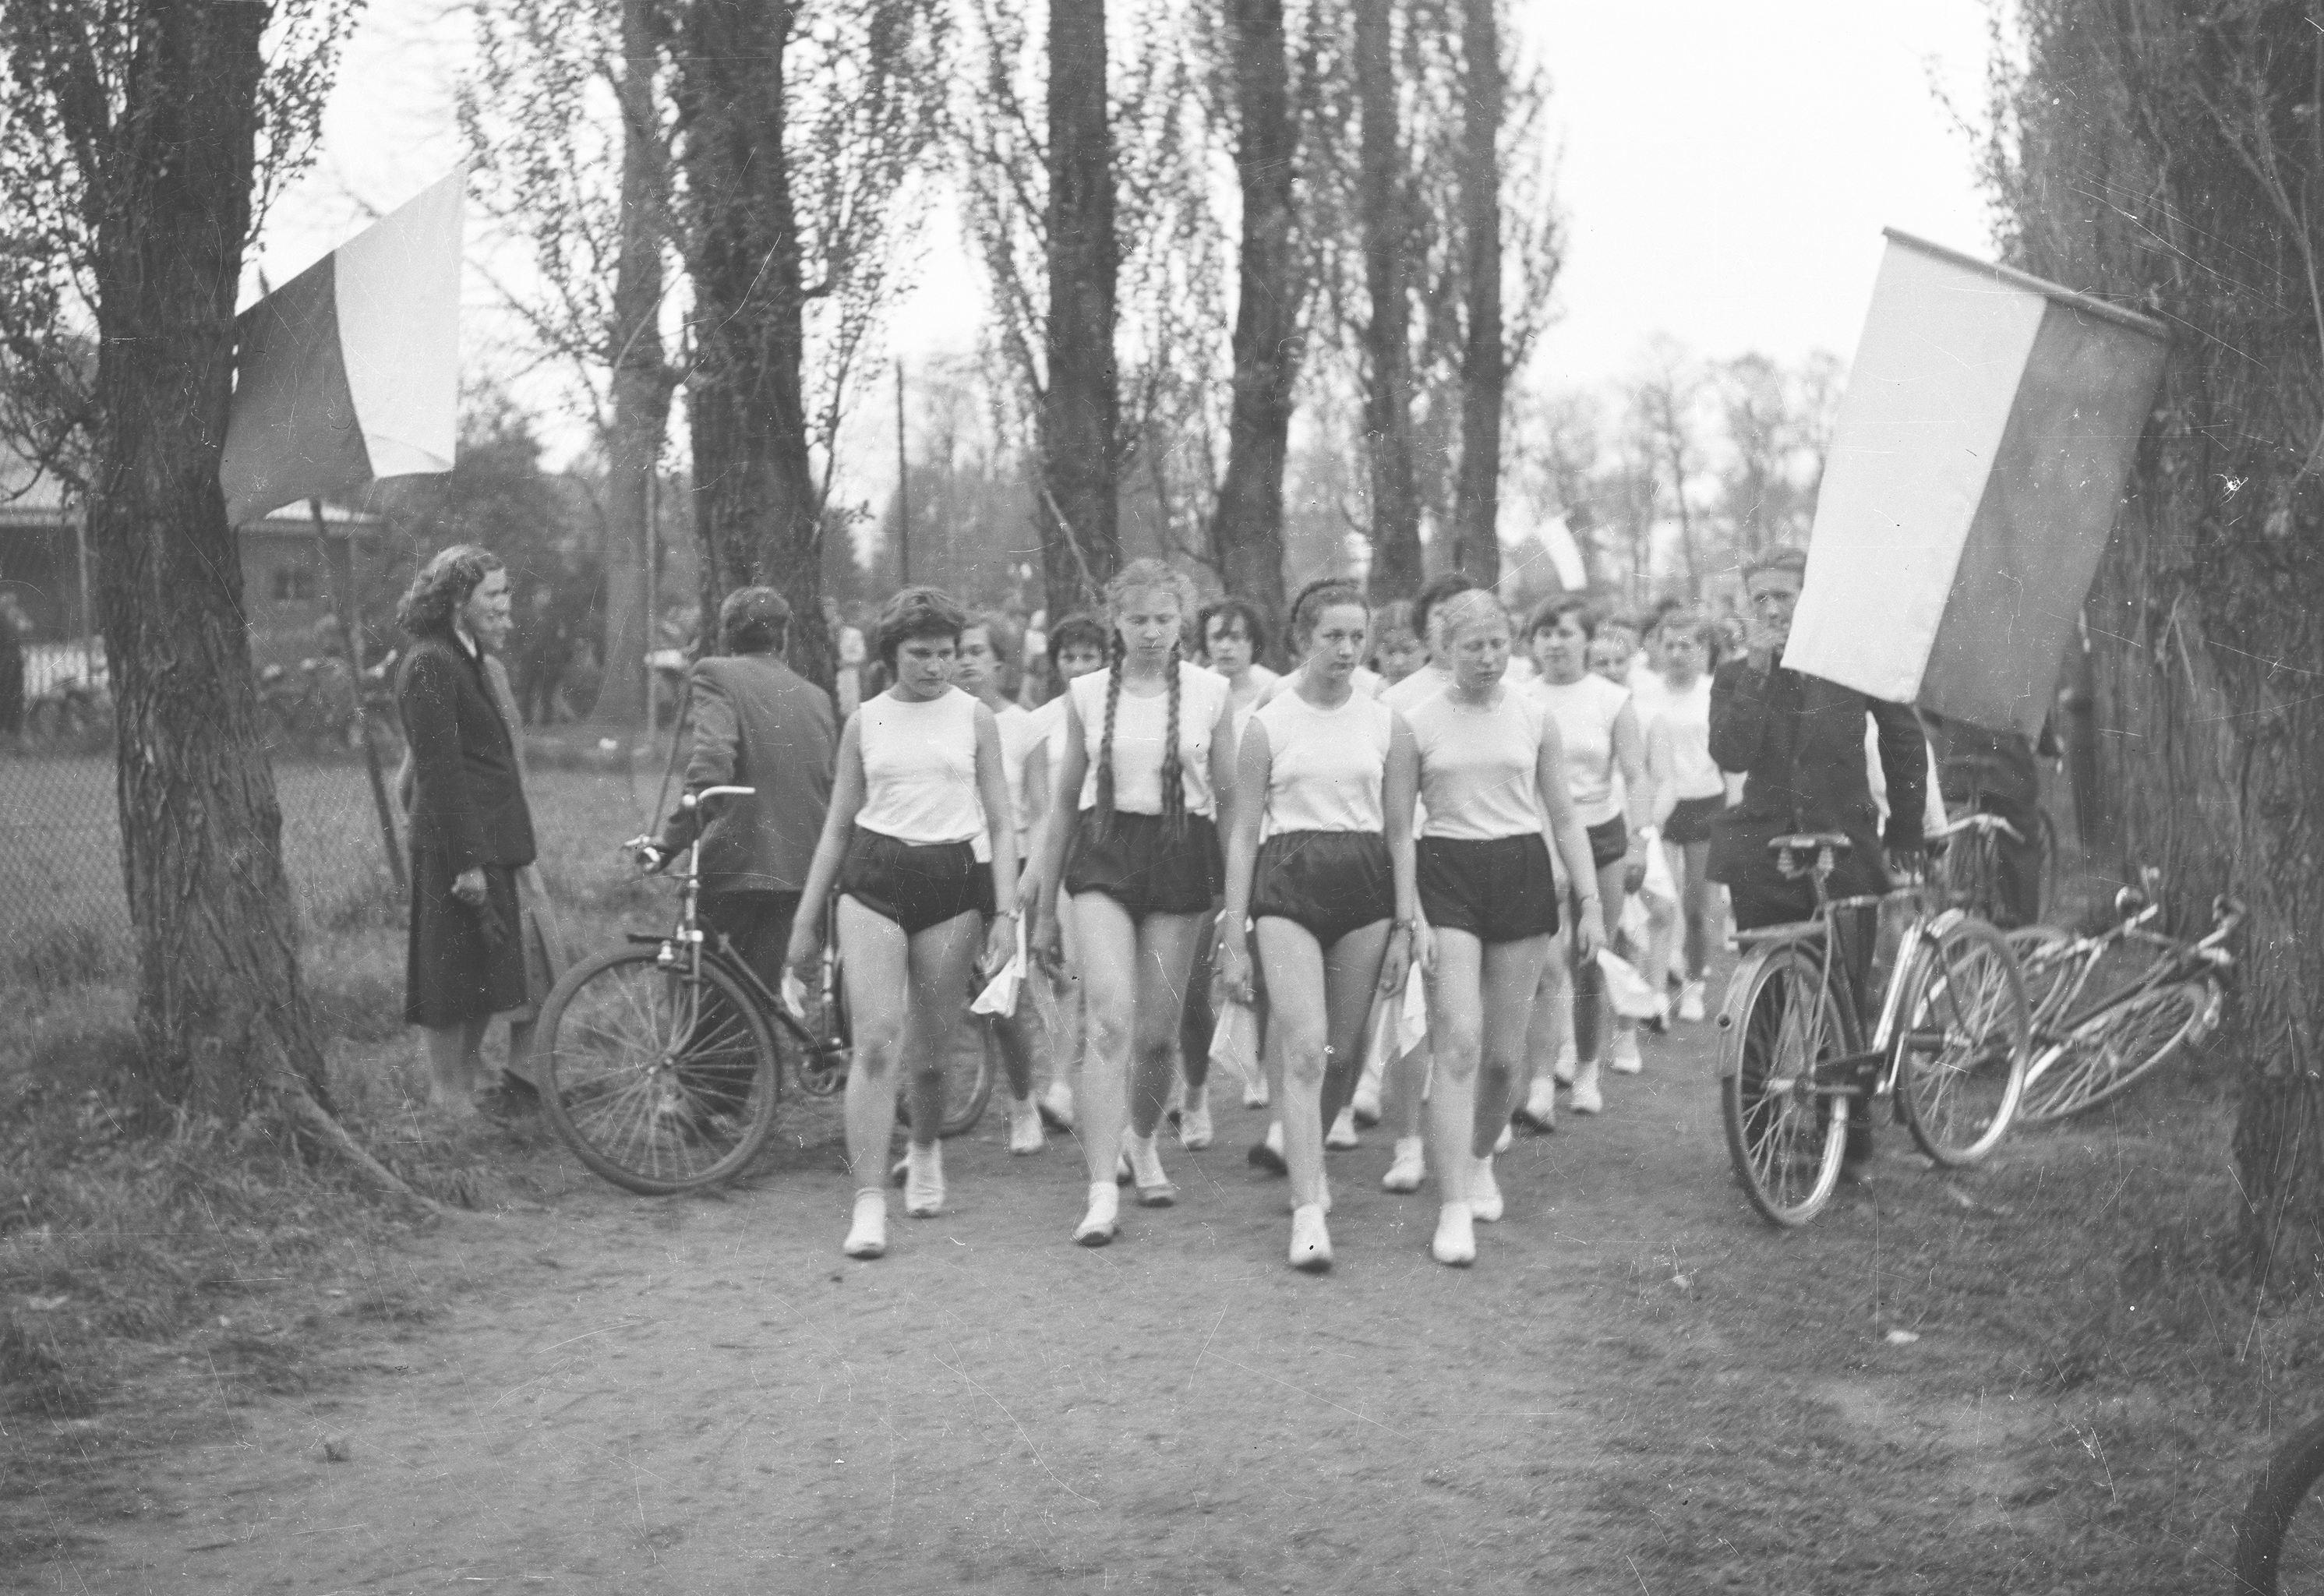 Obchody Pierwszego Maja, Wołów, Dolny Śląsk, lata 50. XX w.